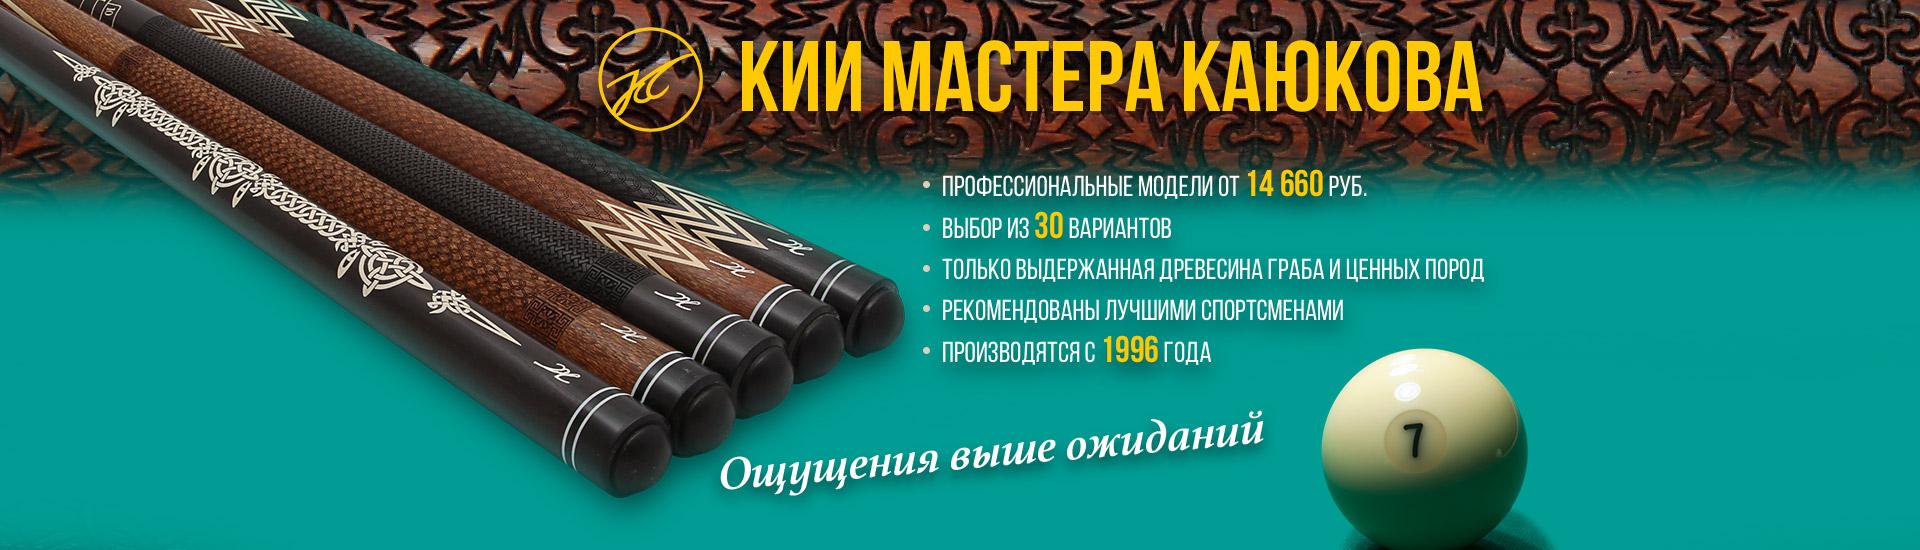 1920x550-kayukov-v2